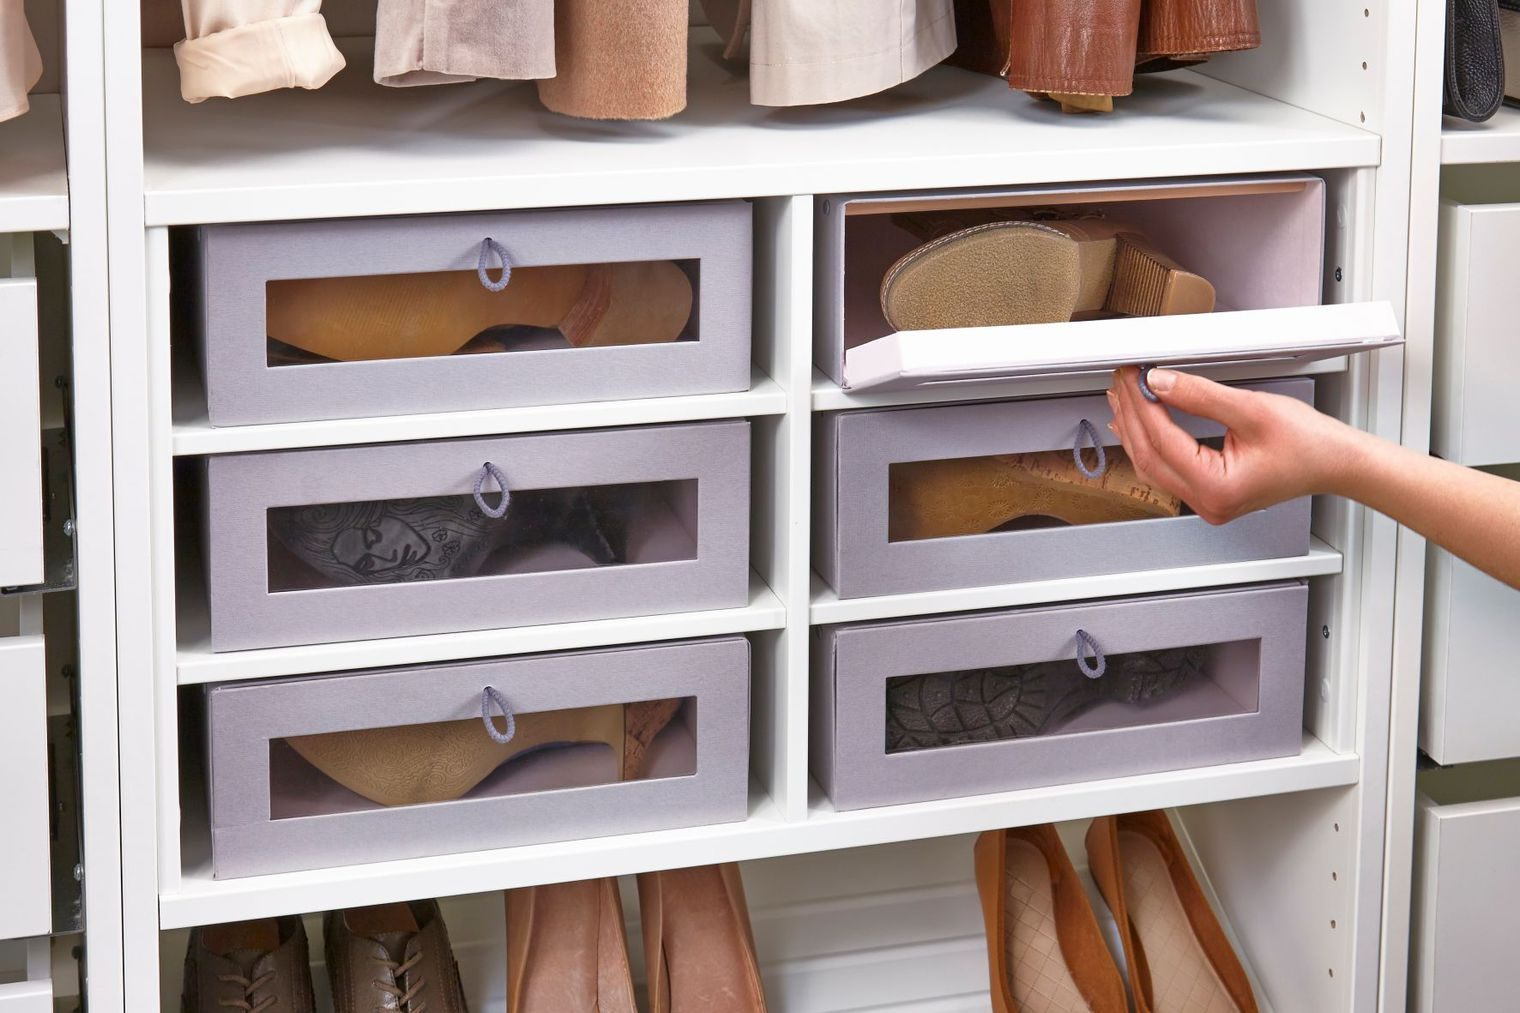 Rangement Sous Le Lit Joli Luxe De Maison Meubles De Plus Passionné Ikea Rangement Sous Lit